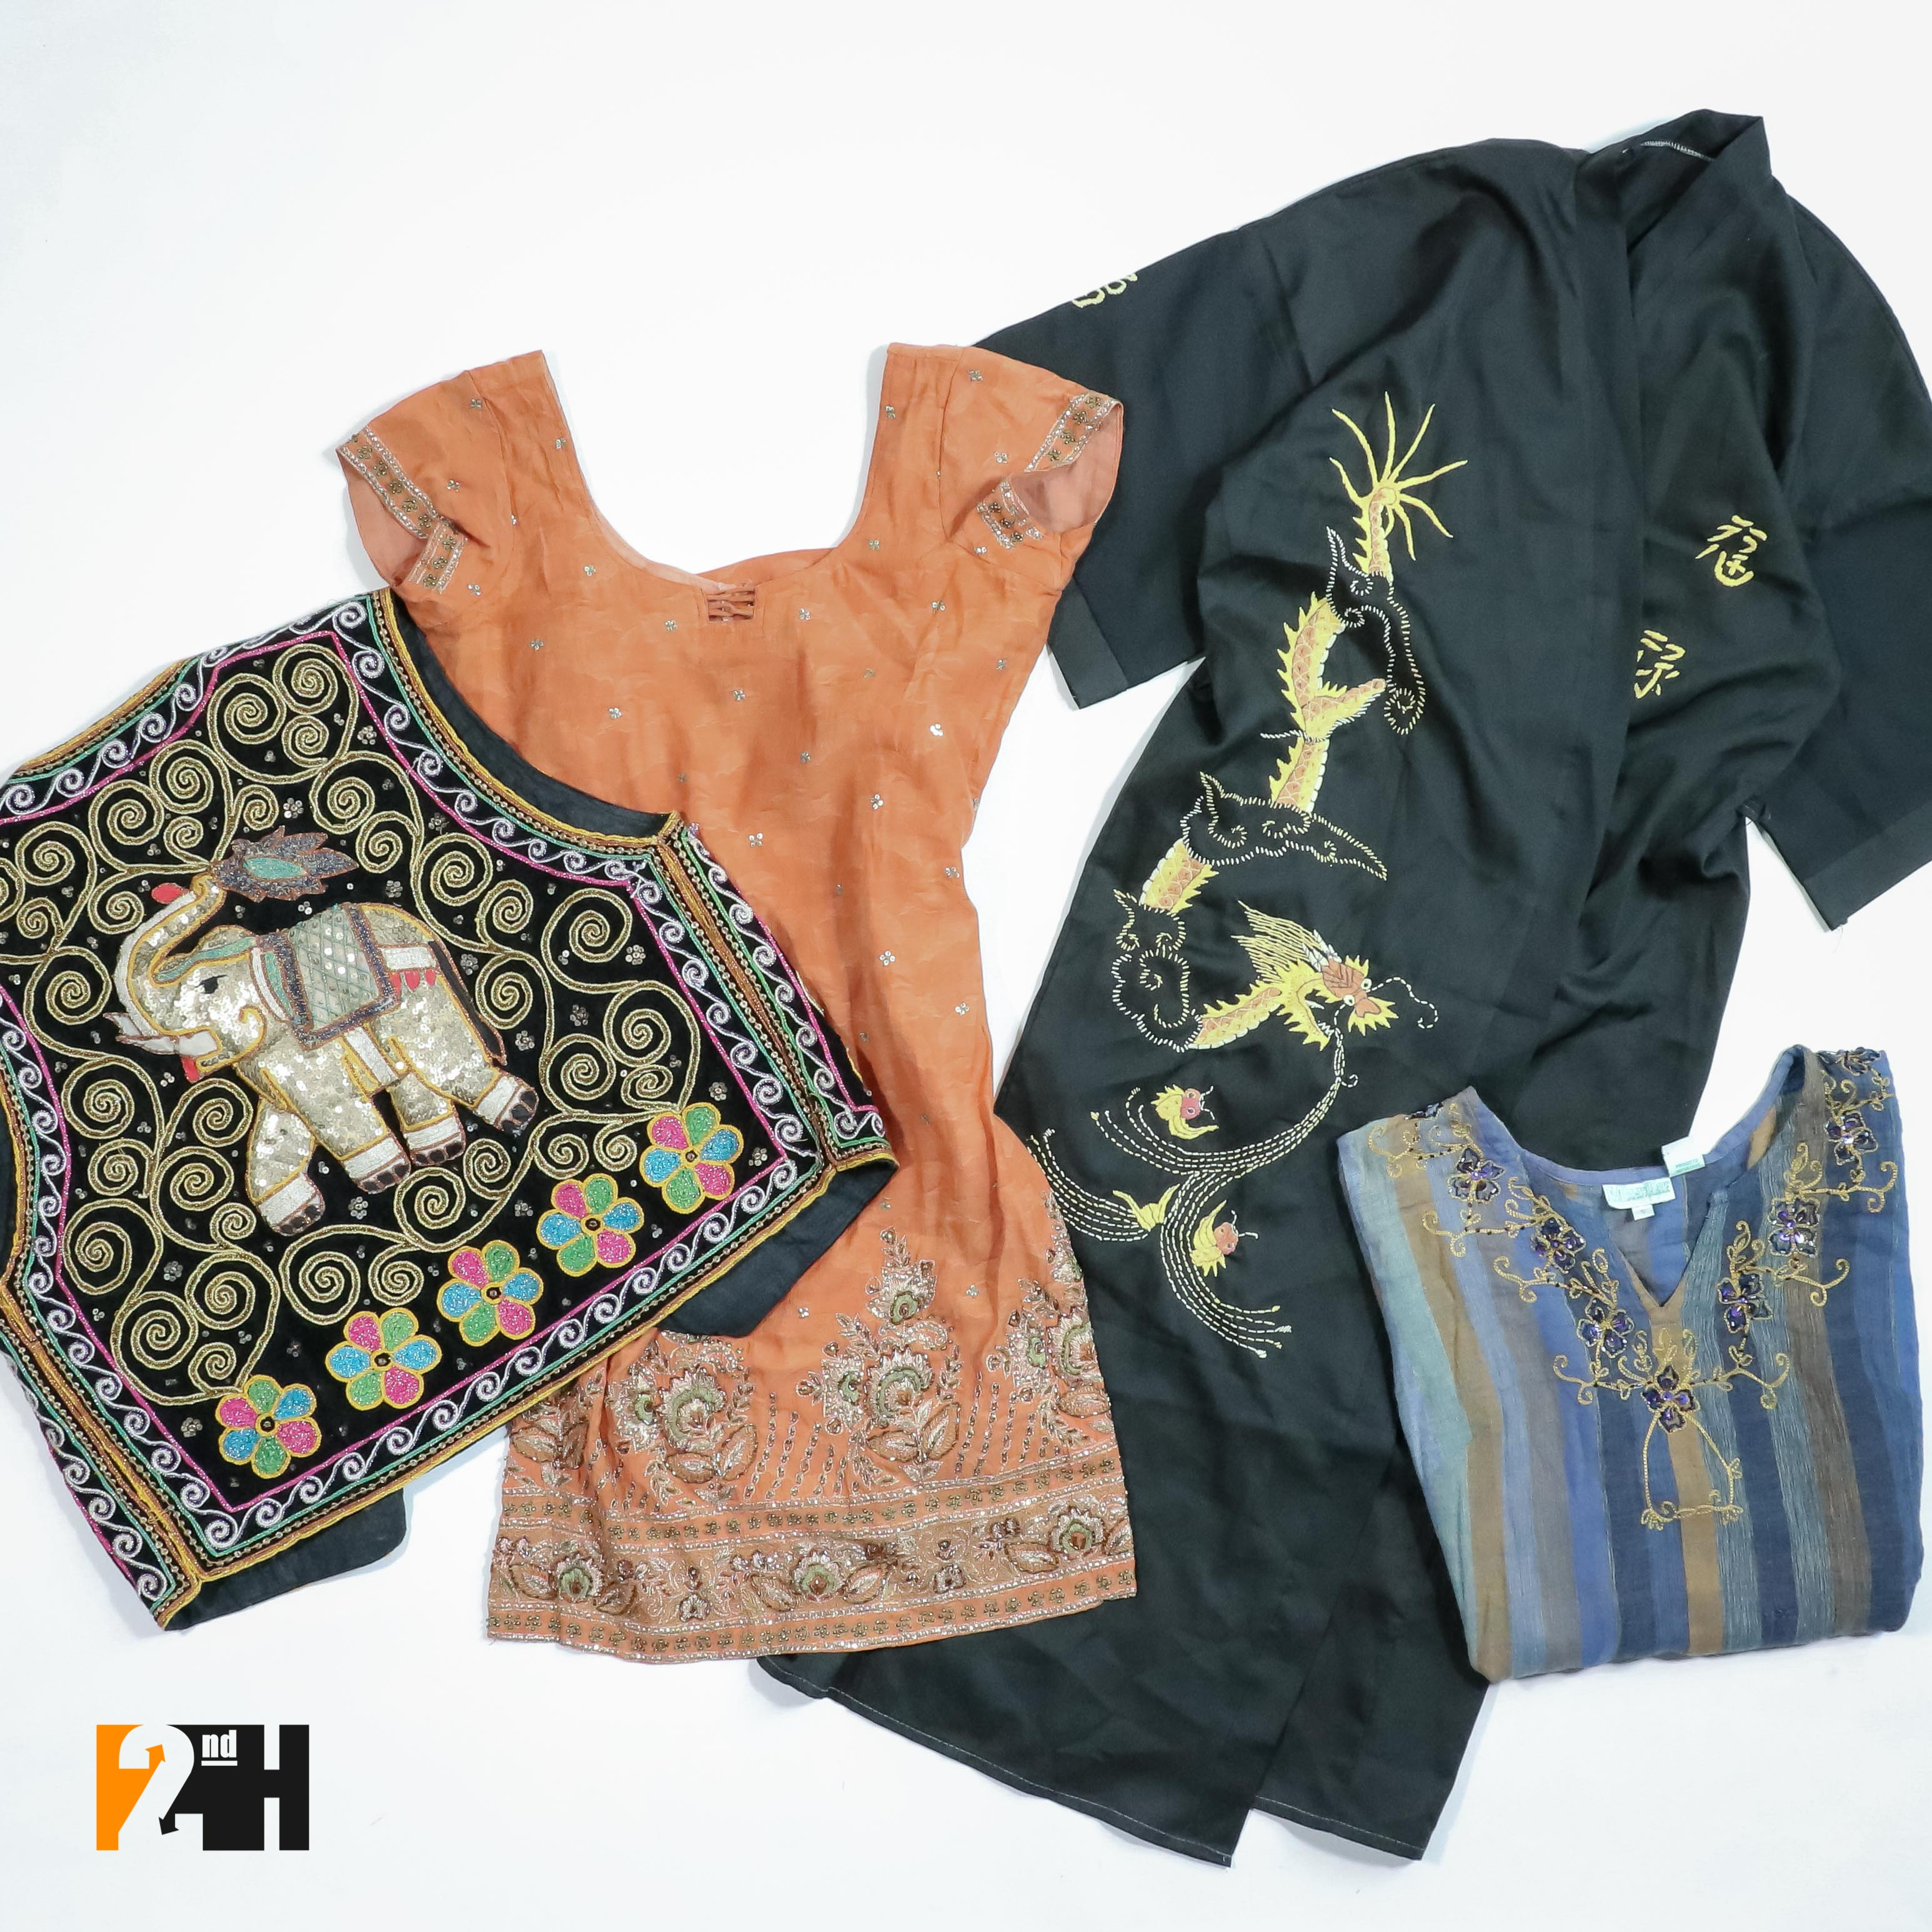 Vintage Ethnic Clothing 88